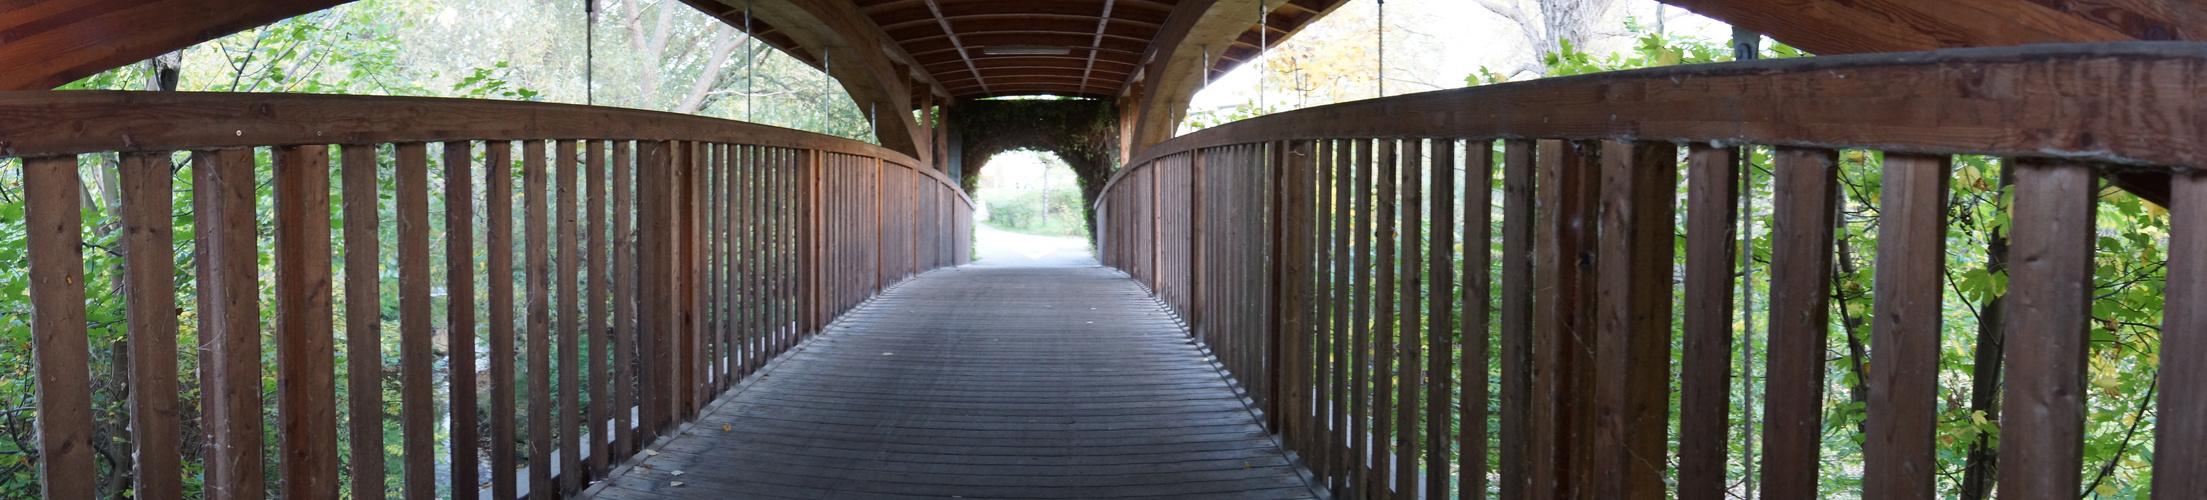 Über sieben Brücken musst du geh'n....